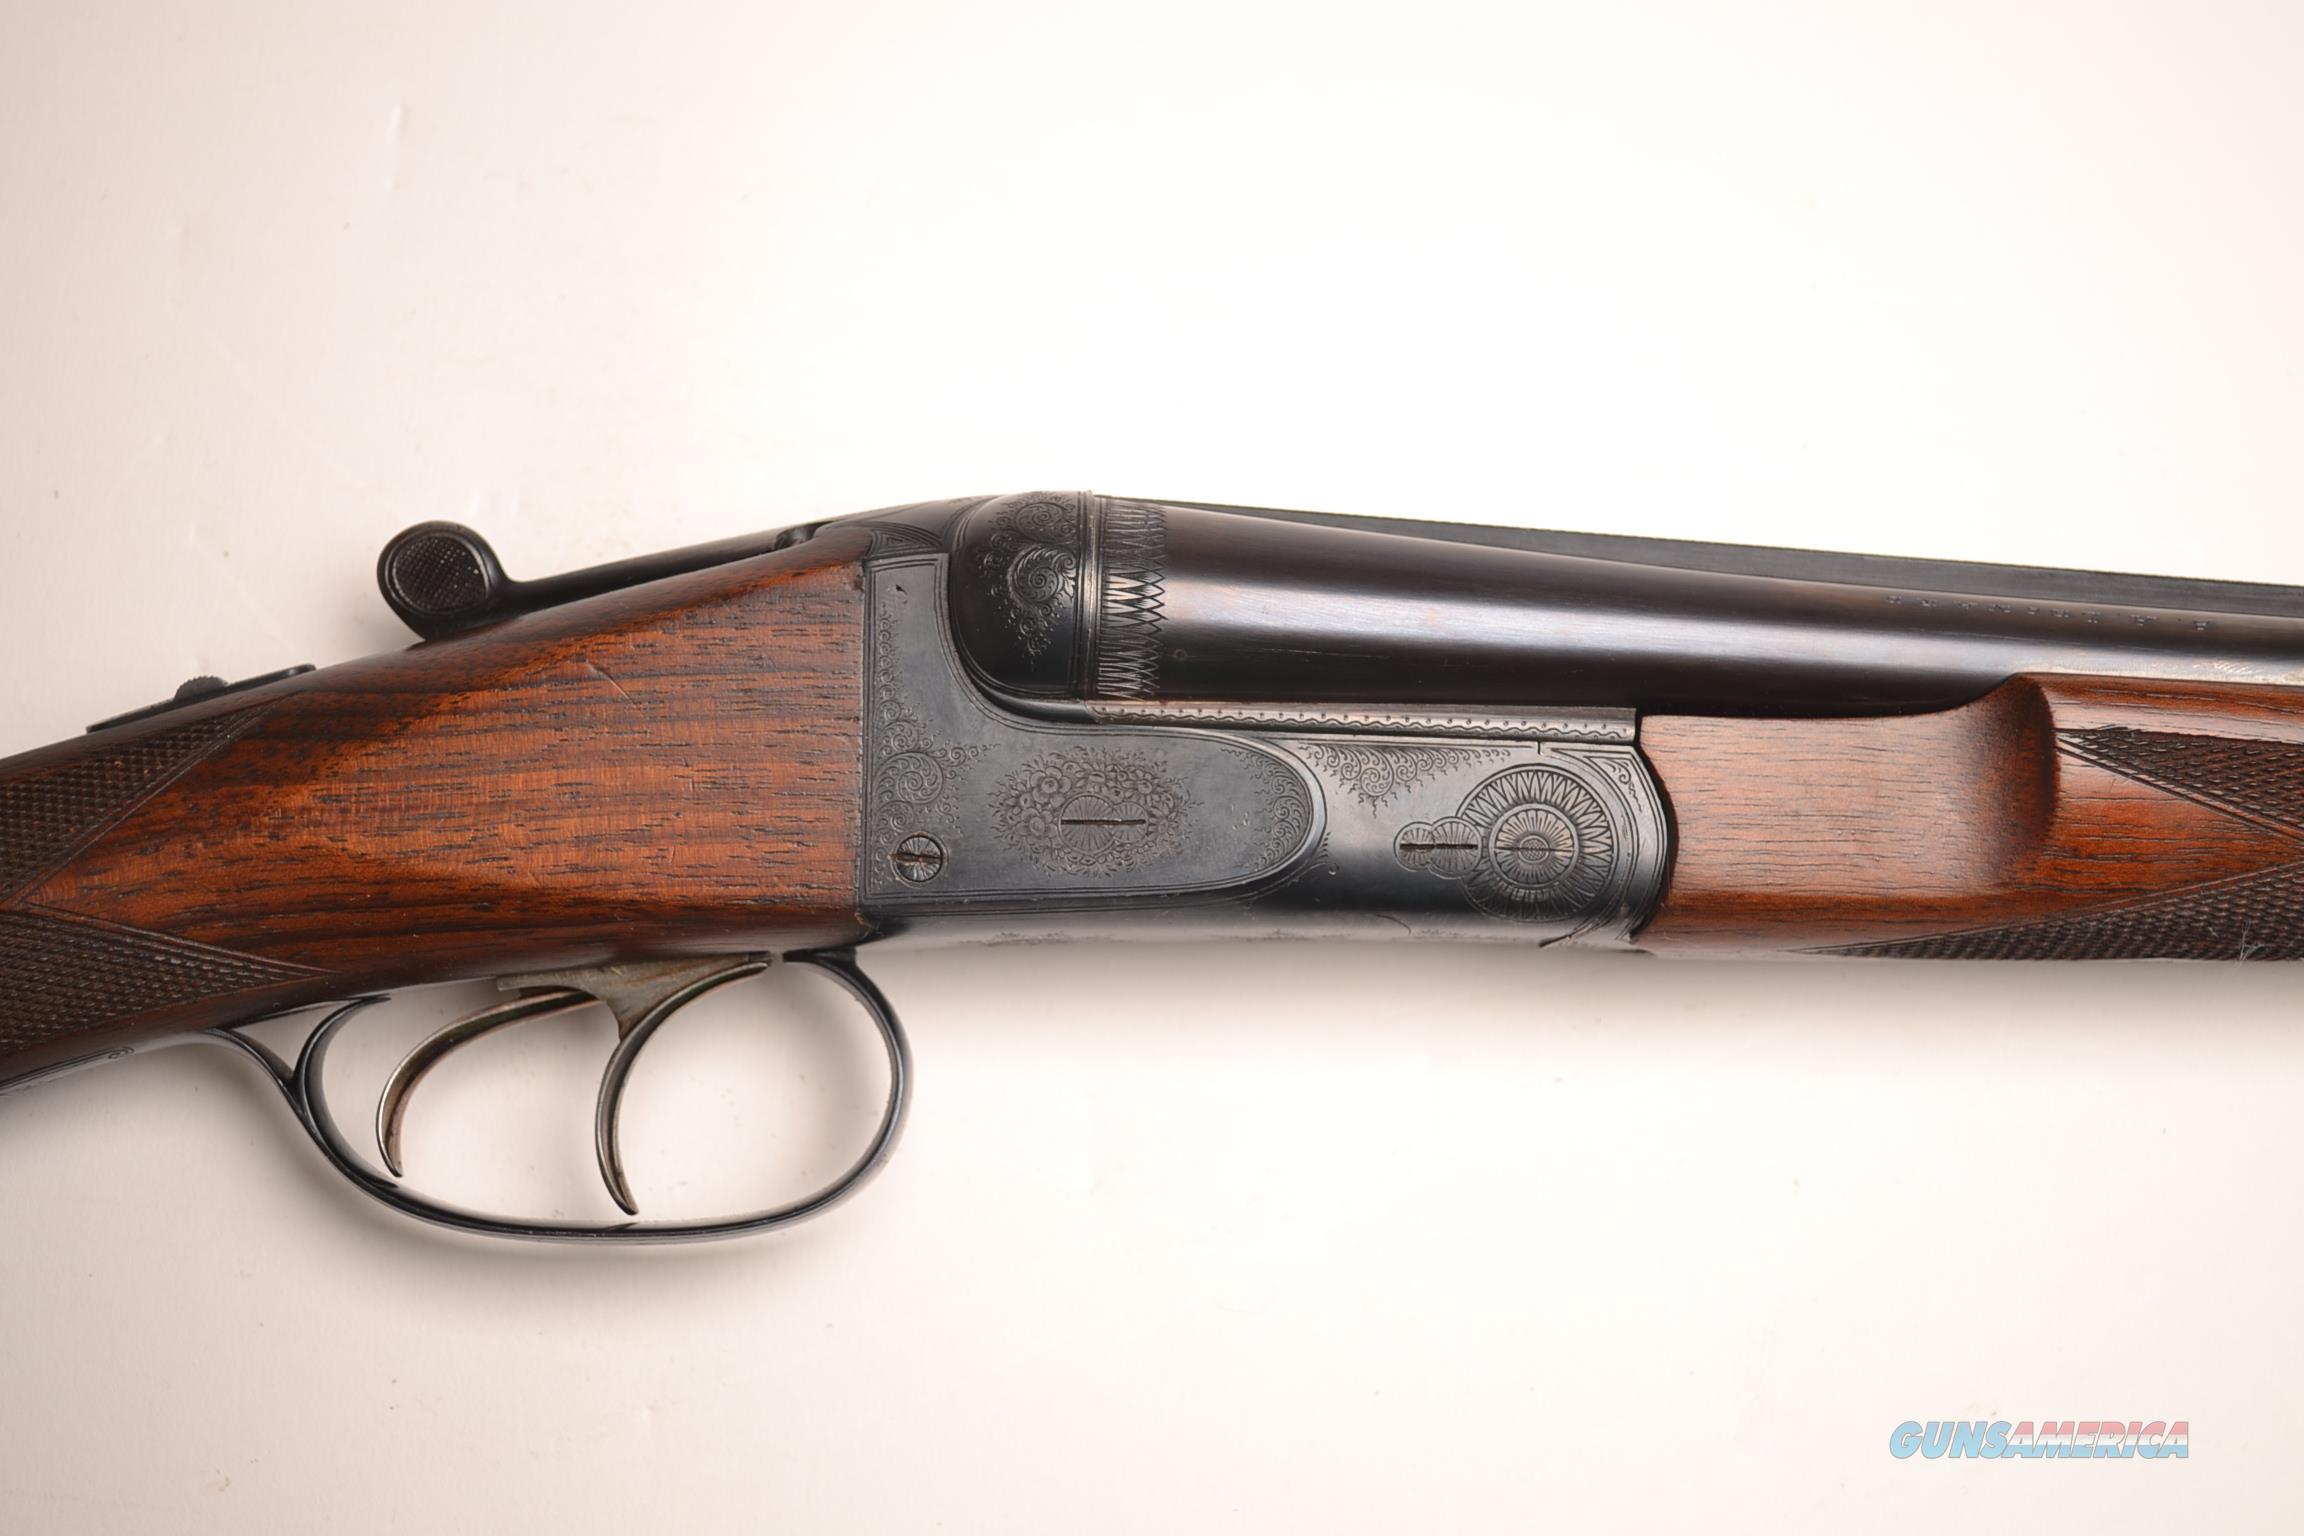 J.P. Sauer & Sohn - .410ga  Guns > Shotguns > J.P. Sauer Shotguns